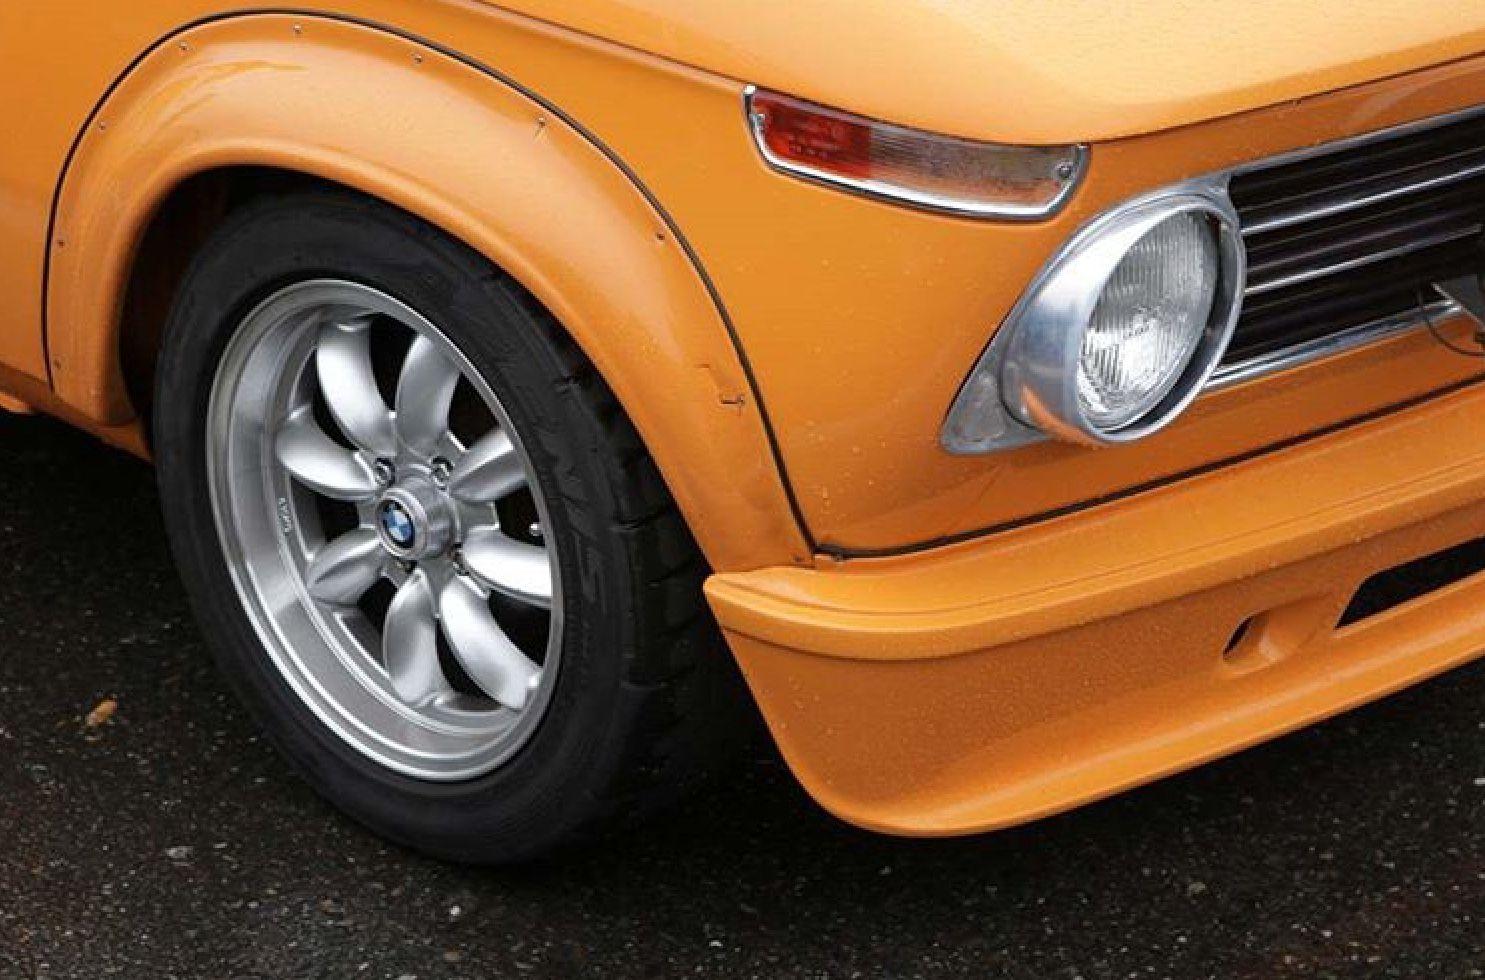 Pin by Michael Soja on BMW 2002 Bmw 2002, Bmw cars, Bmw